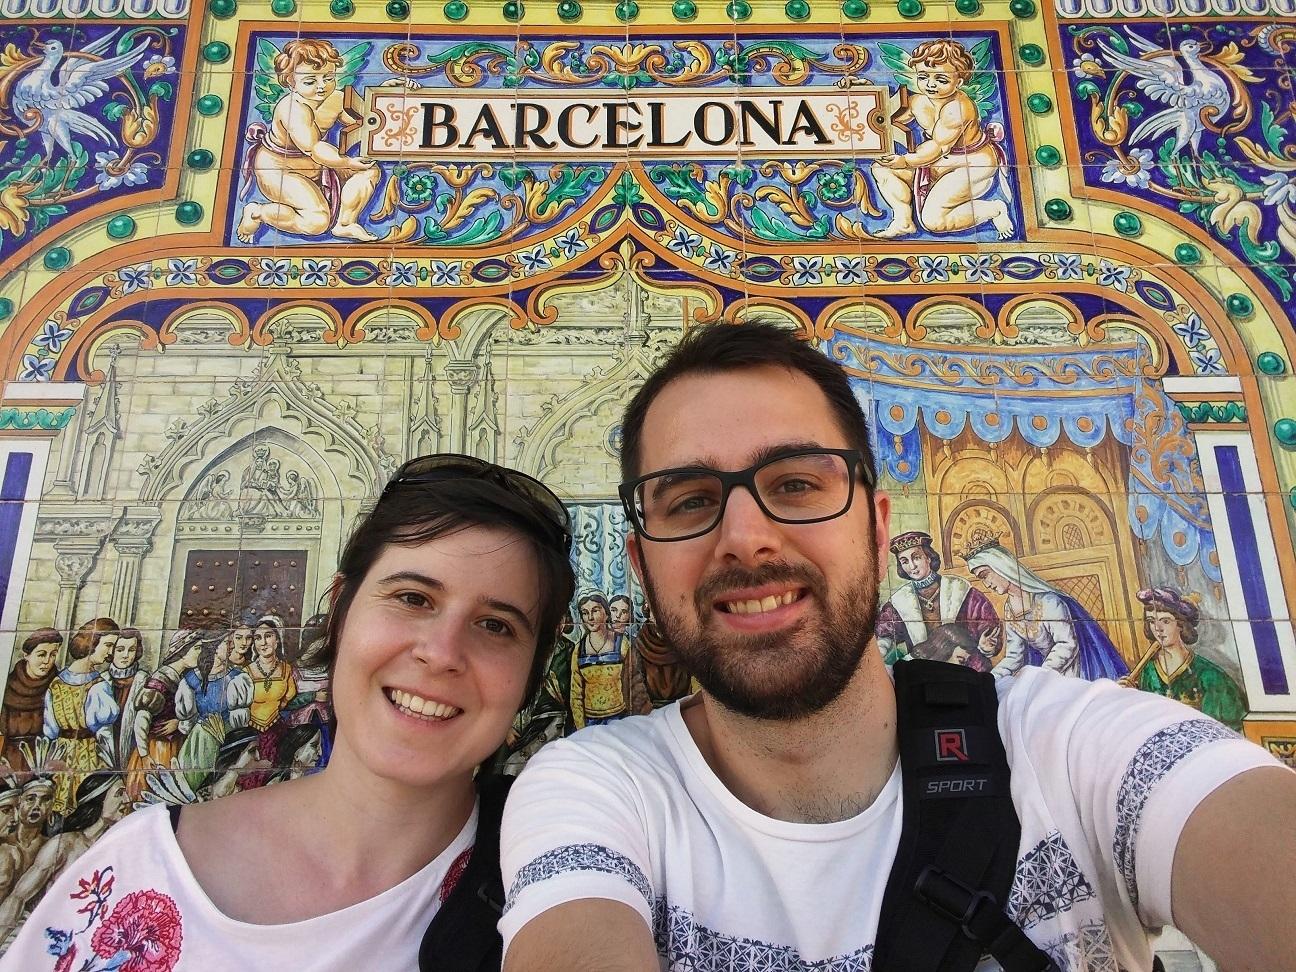 Barcelona en plaza Espana